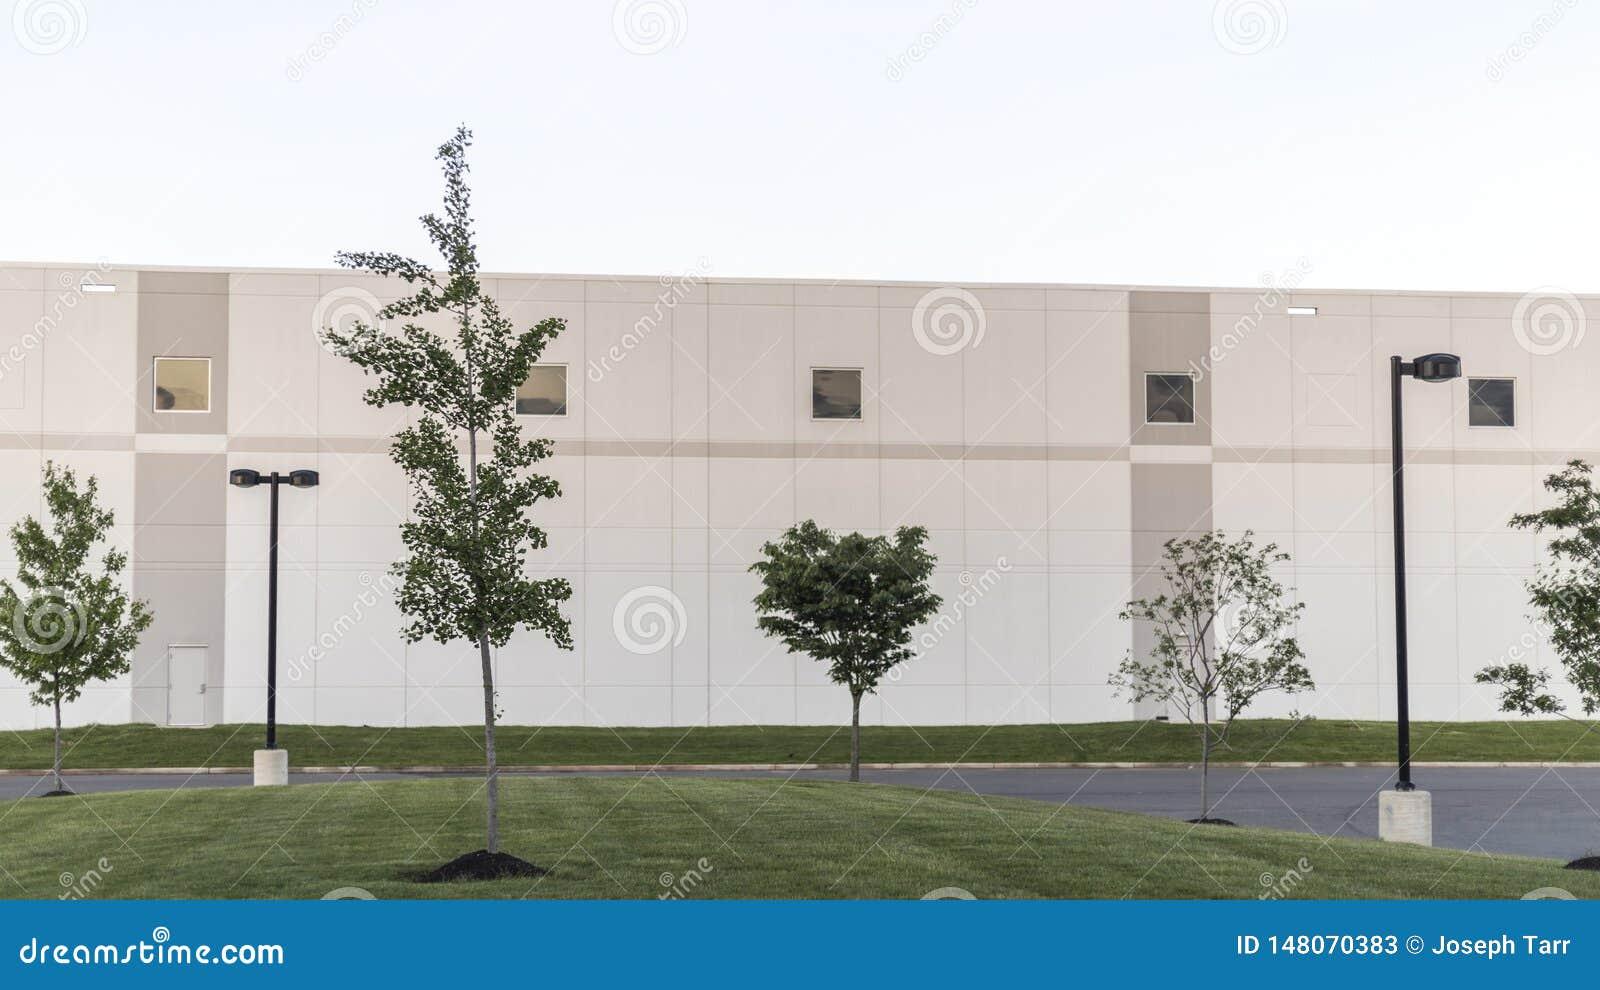 Generischer Lager-Bürokomplex Buildilng mit grünem Rasen und Straßenbeleuchtung